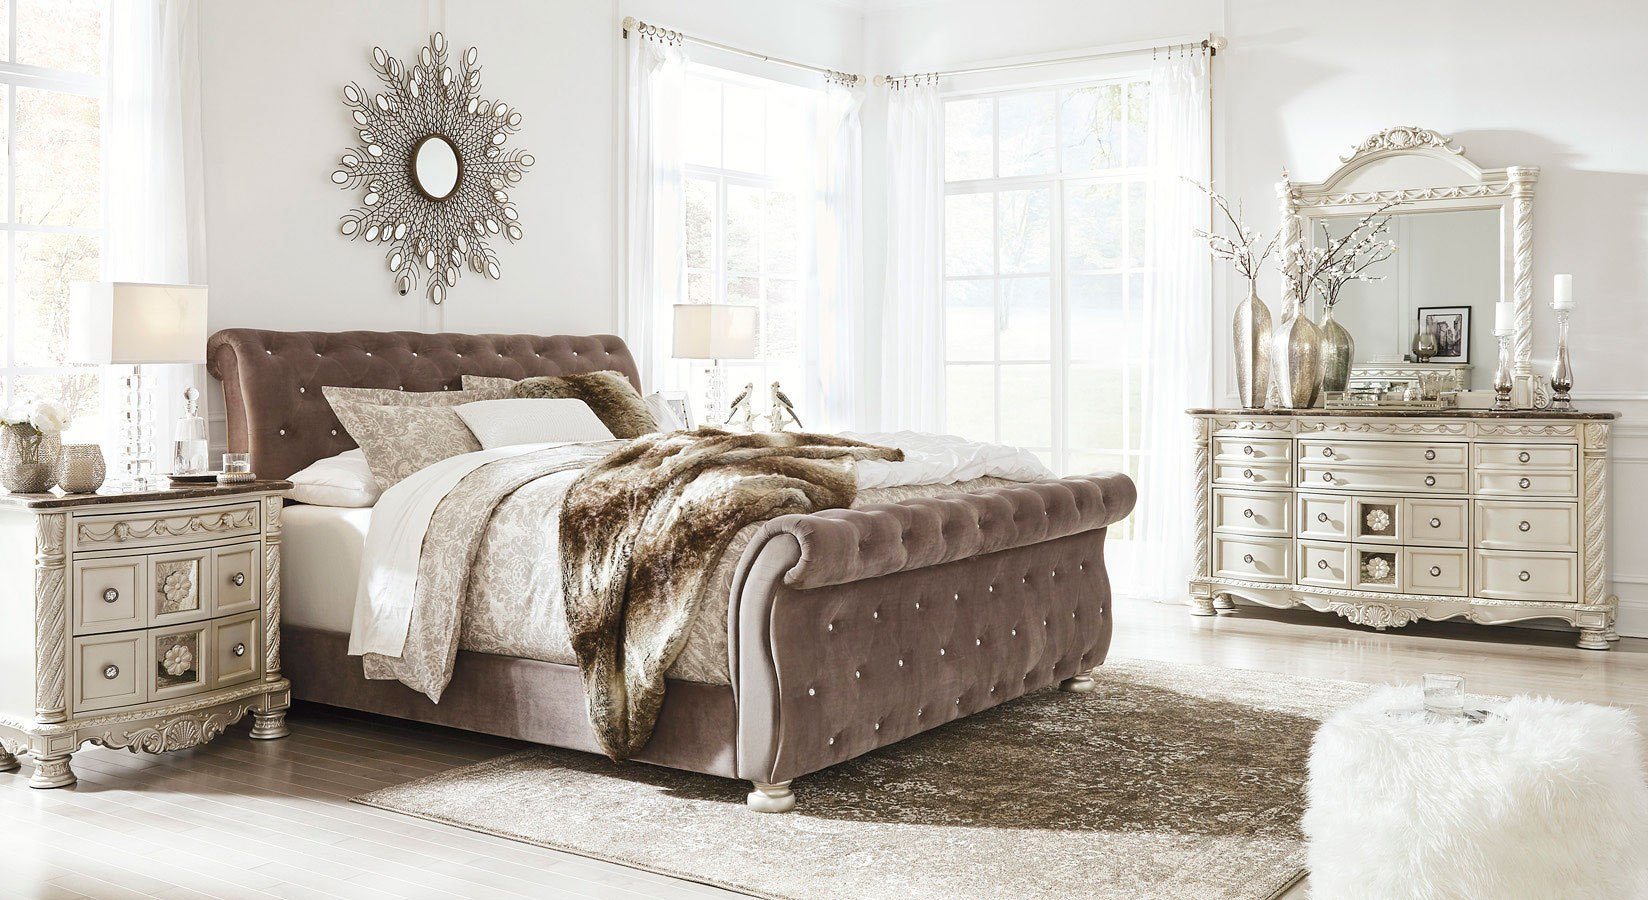 Cassimore Upholstered Bedroom Set Signature Design By Ashley Furniturepick